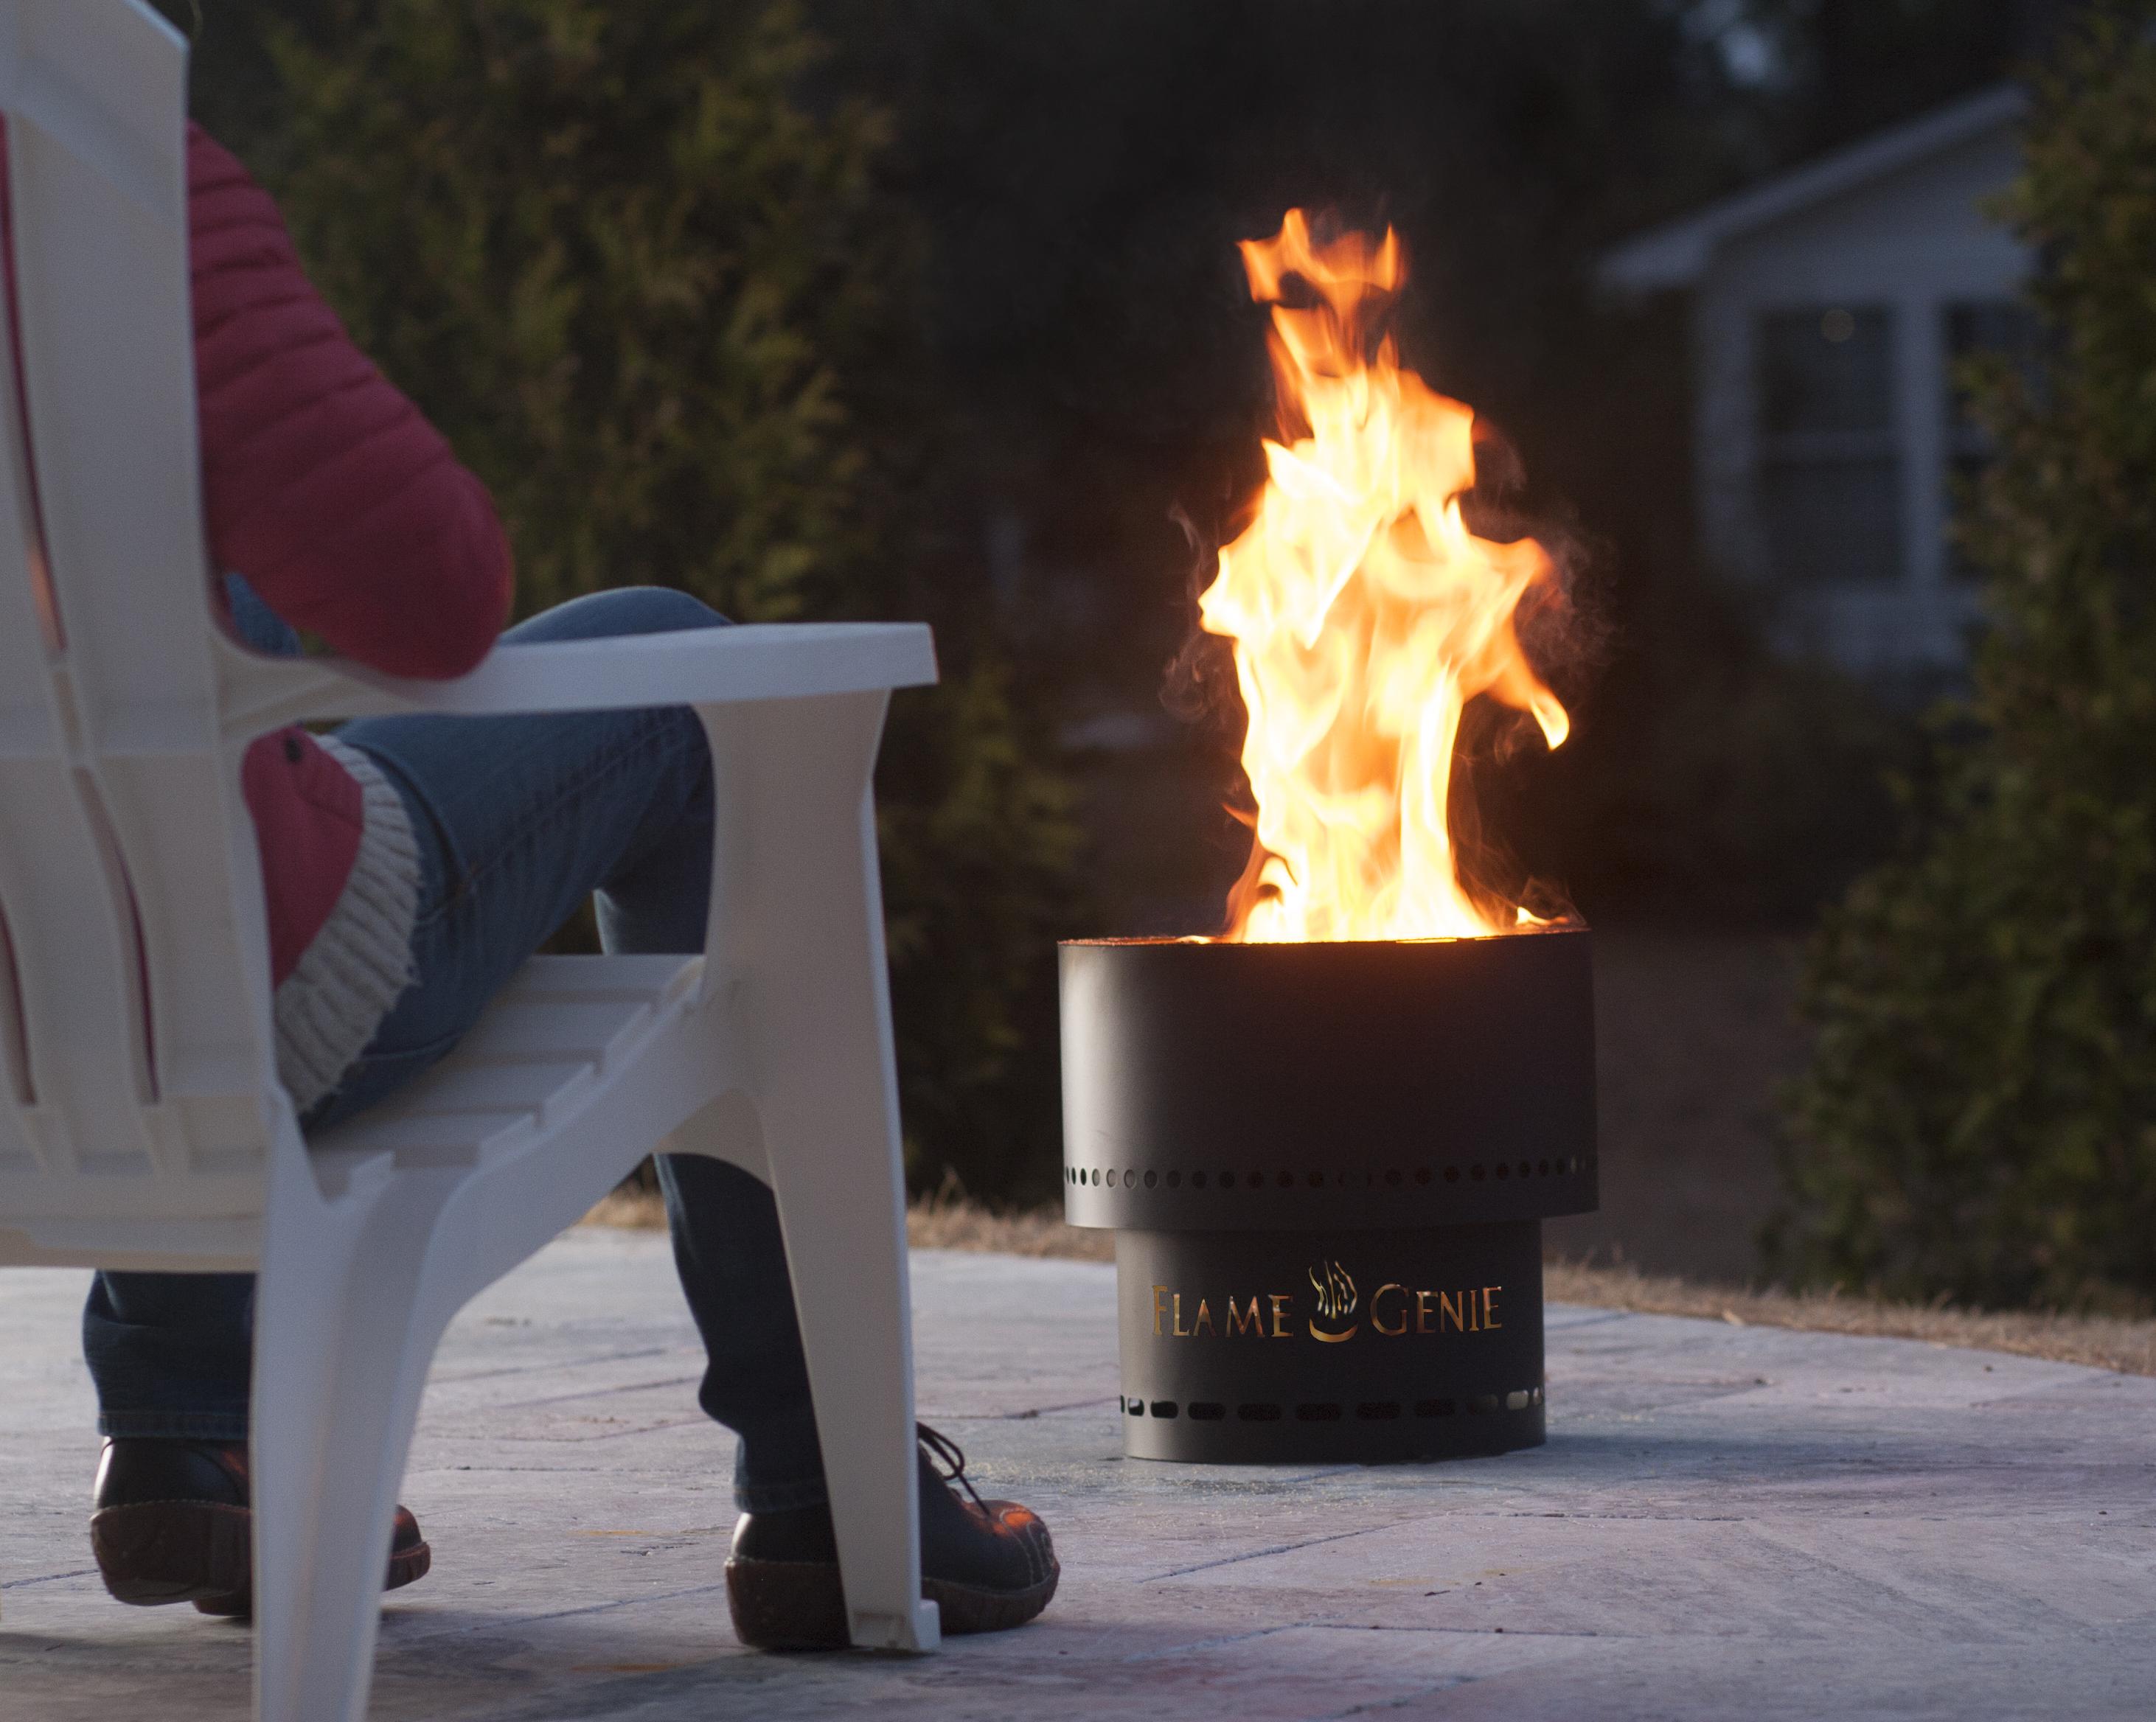 Flammetønna™ Bålpanne Sort - 48cm (441-FG-19)